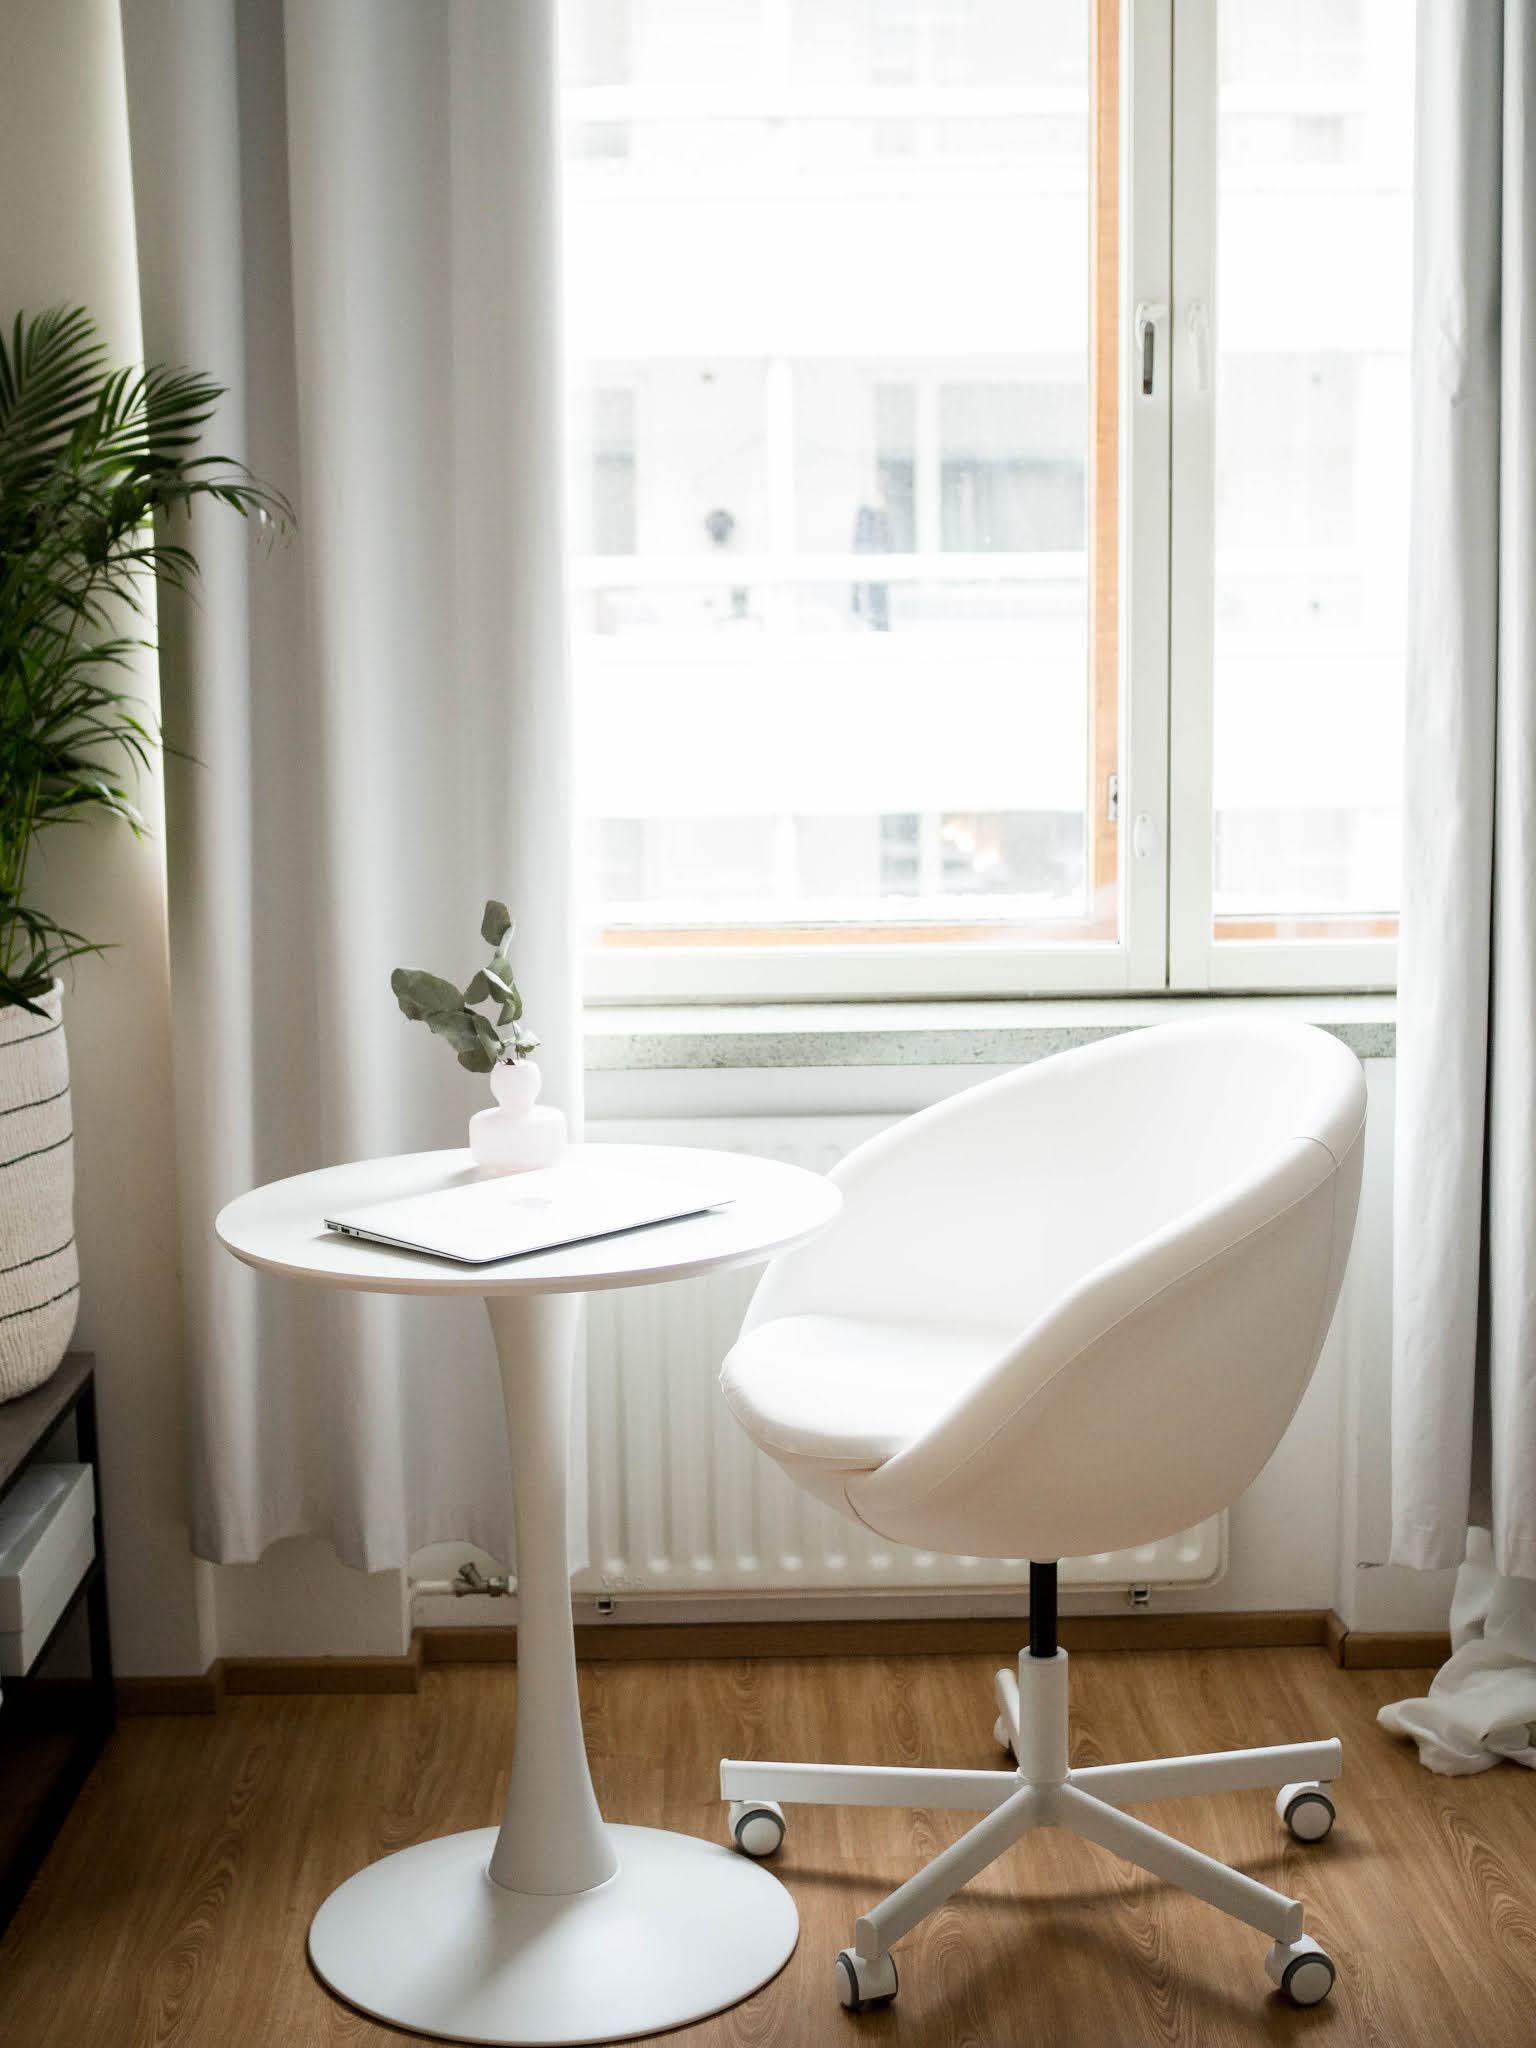 Skandinaavinen koti, yksiö // Scandinavian home, studio flat